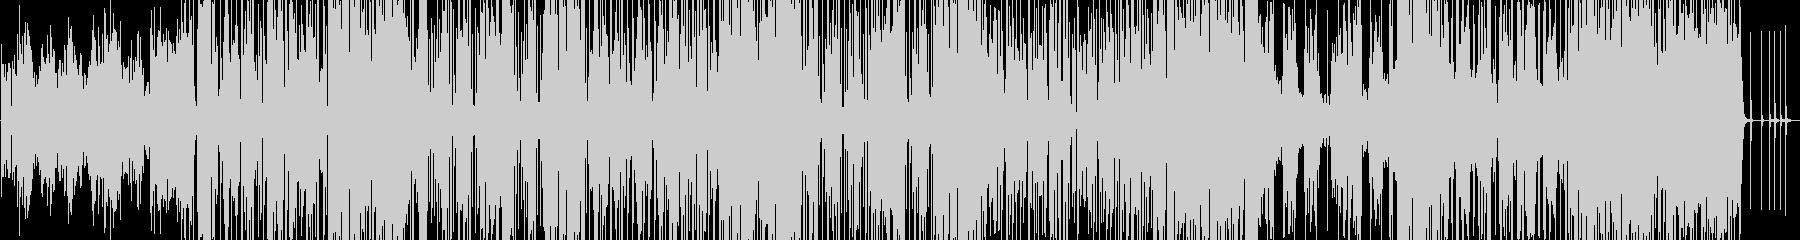 アップテンポの80`sディスコ曲 の未再生の波形